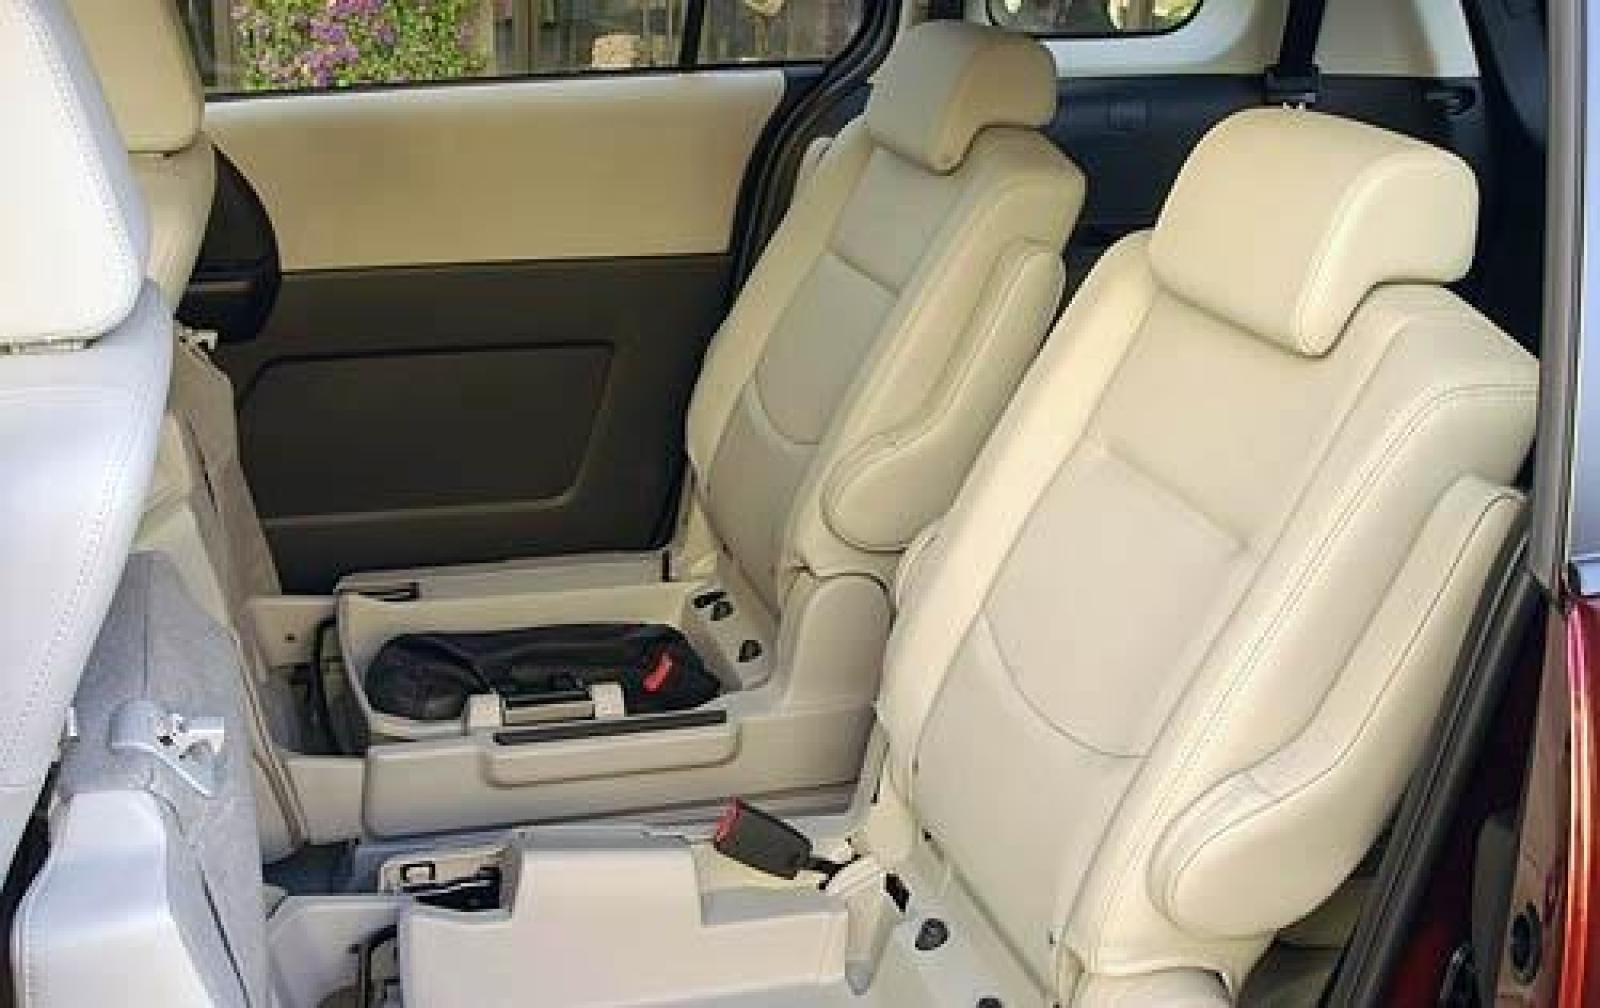 800 1024 1280 1600 Origin 2009 Mazda Mazda5